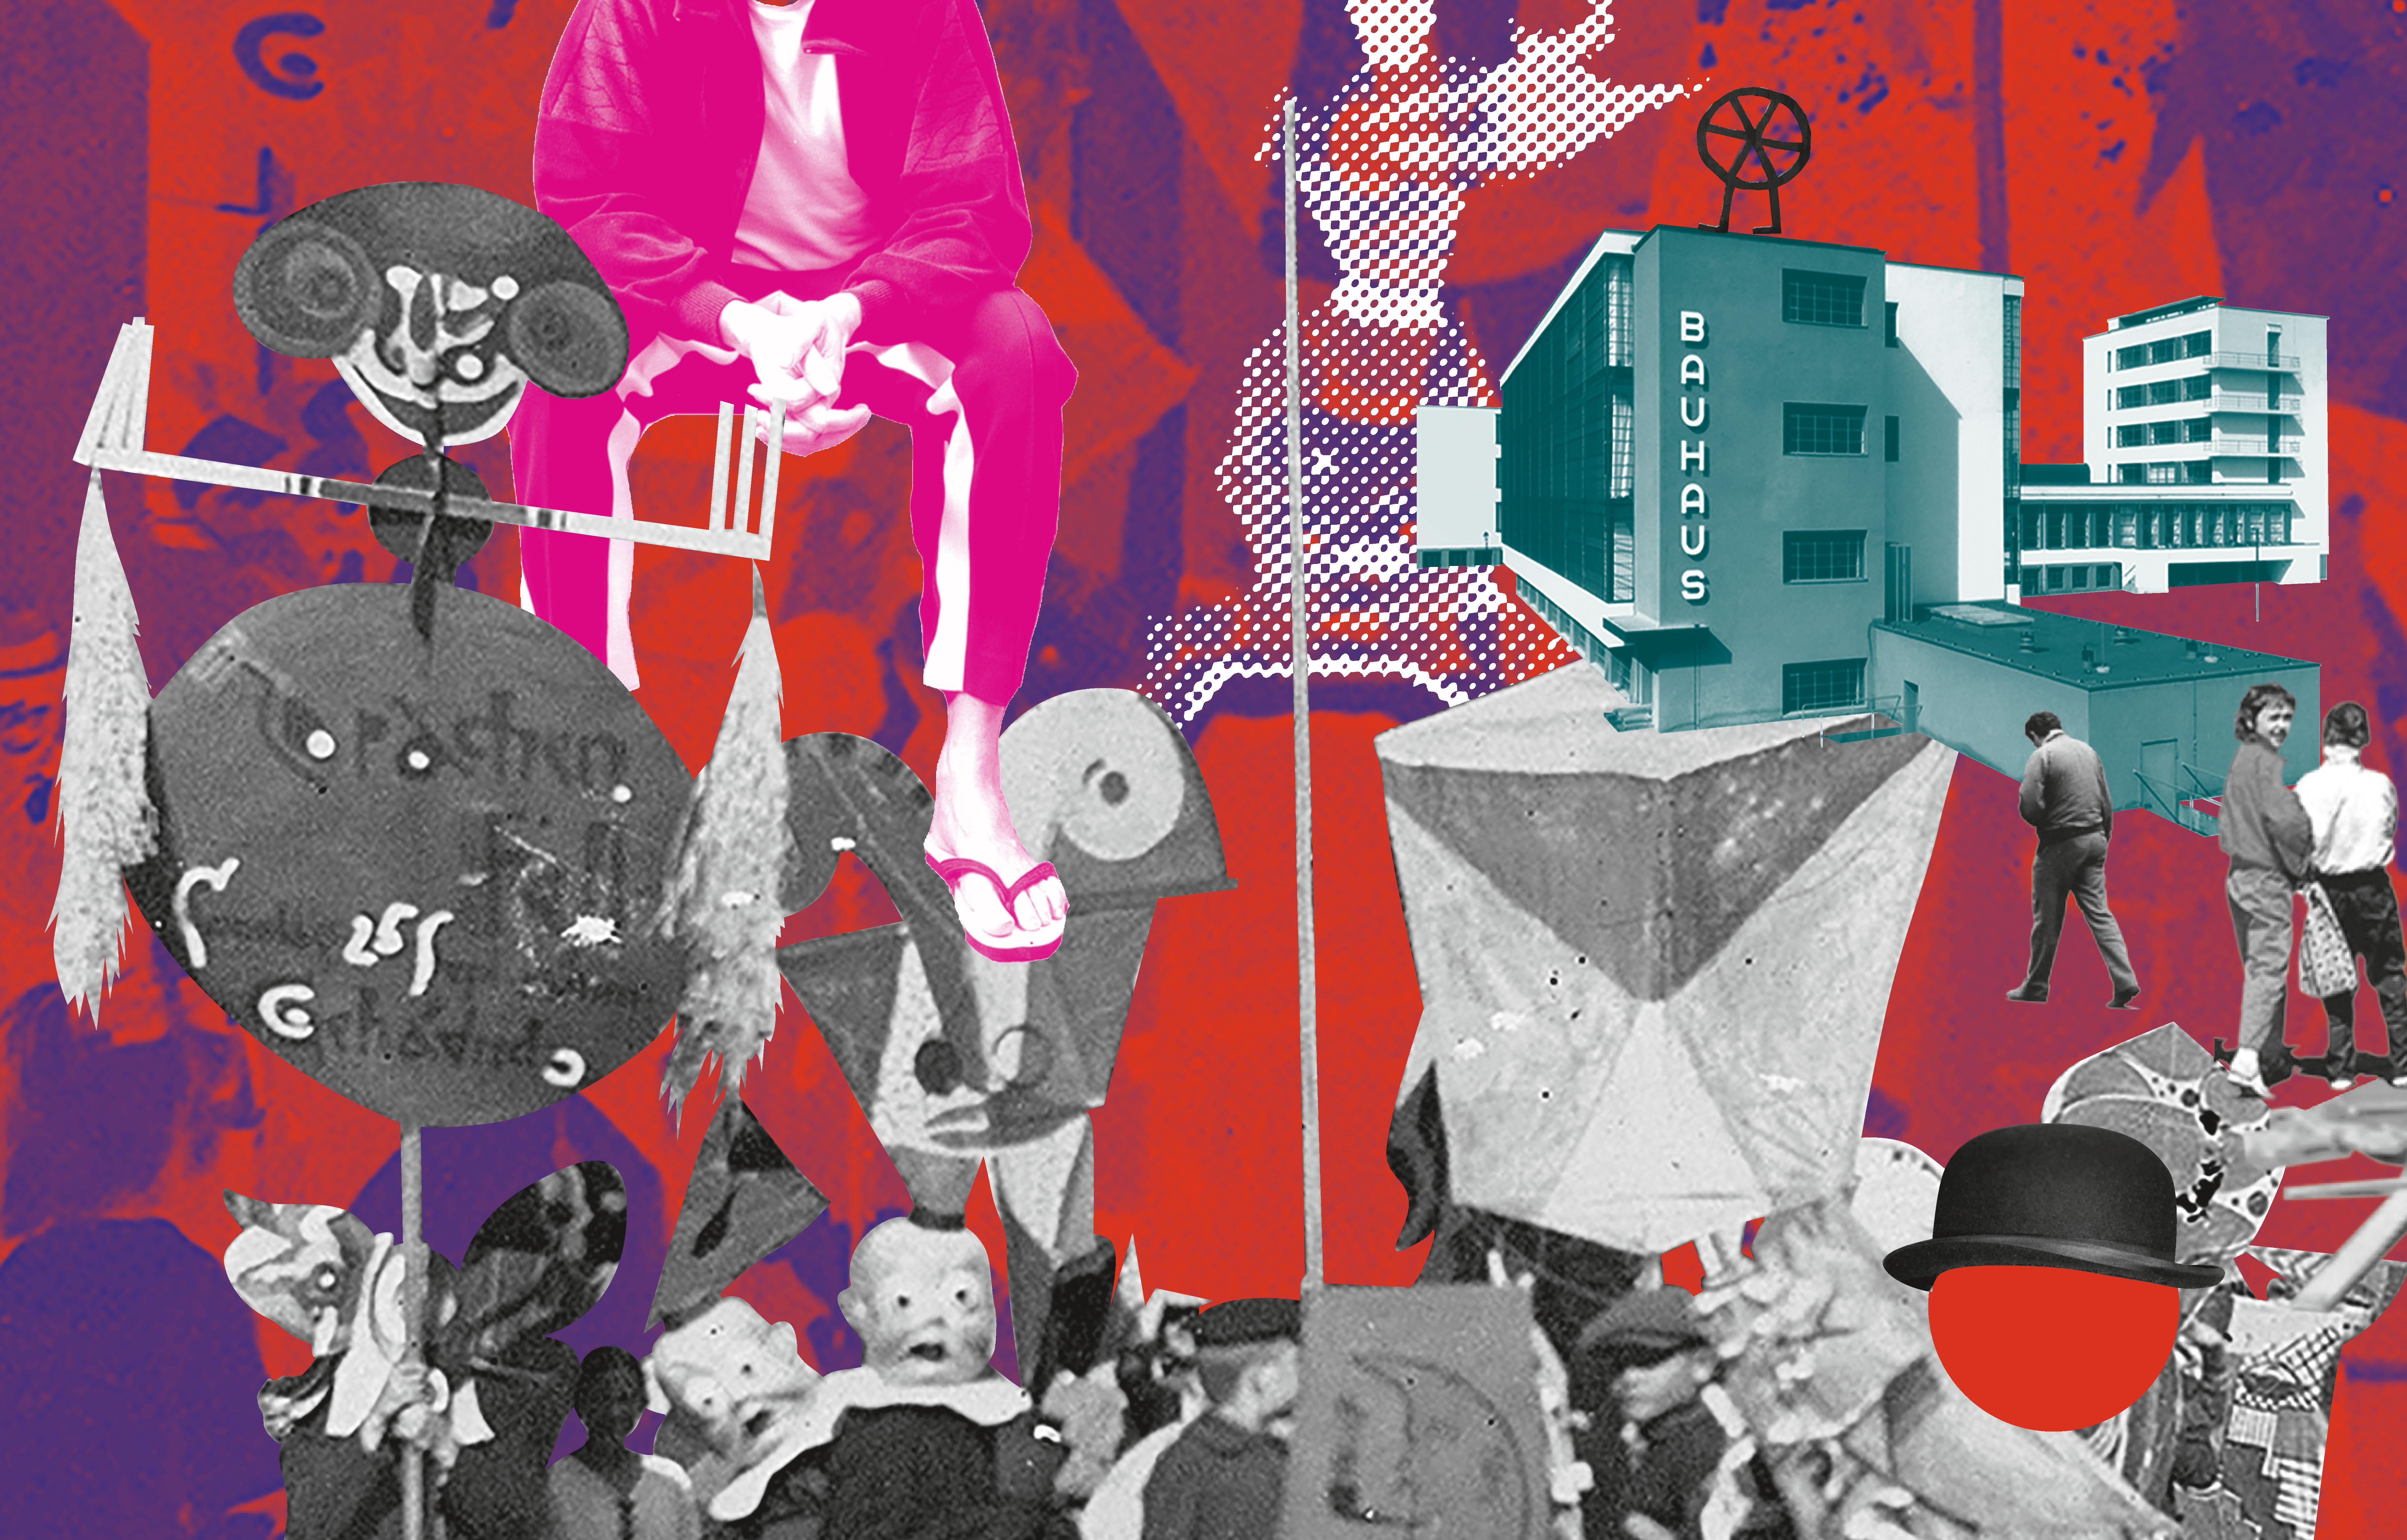 Bauhaus Requiem, Collage – dataholic/Tobias Steinert